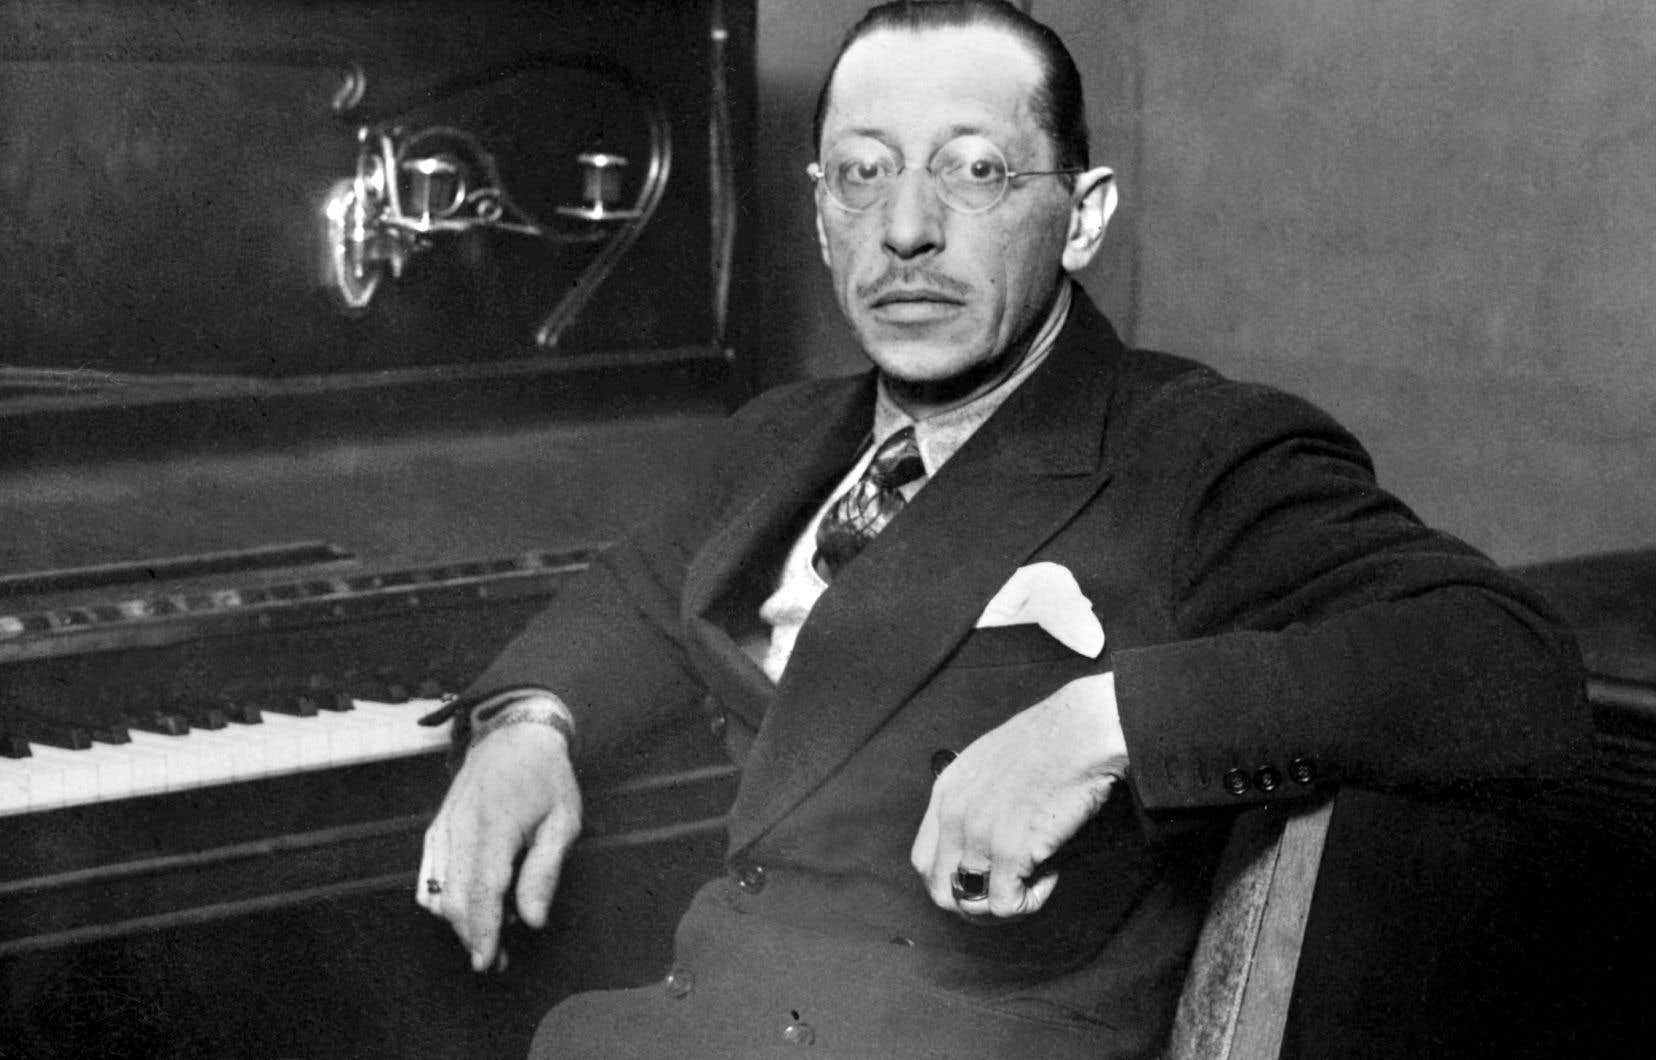 Le compositeur Igor Stravinski (1882-1971) pose à Paris en 1955.